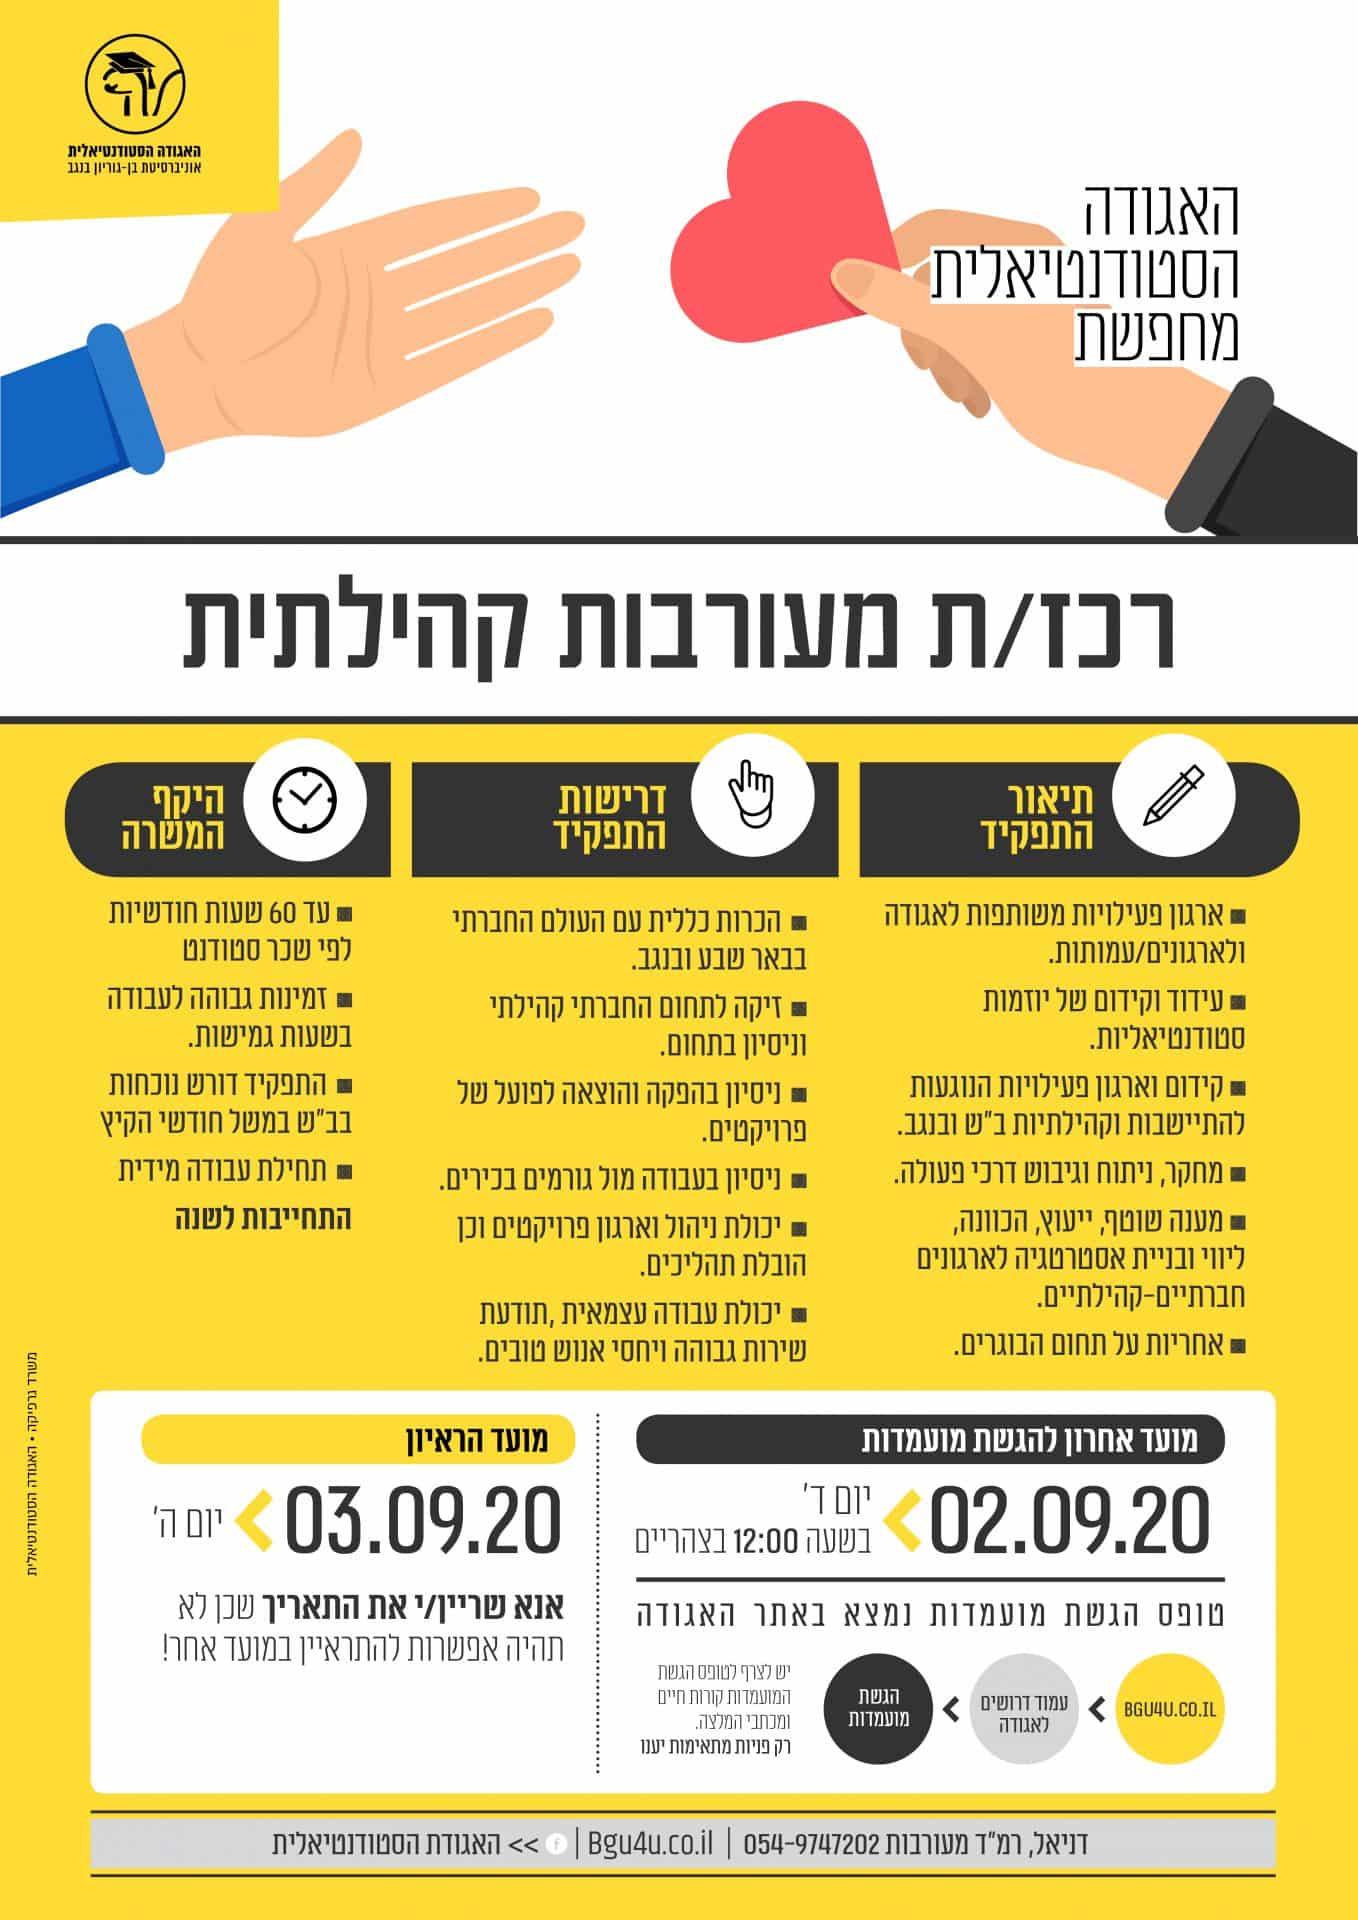 רכזת מעורבות קהילתית_ דרושים - האגודה הסטודנטיאלית - אוניברסיטת בן-גוריון  בנגב